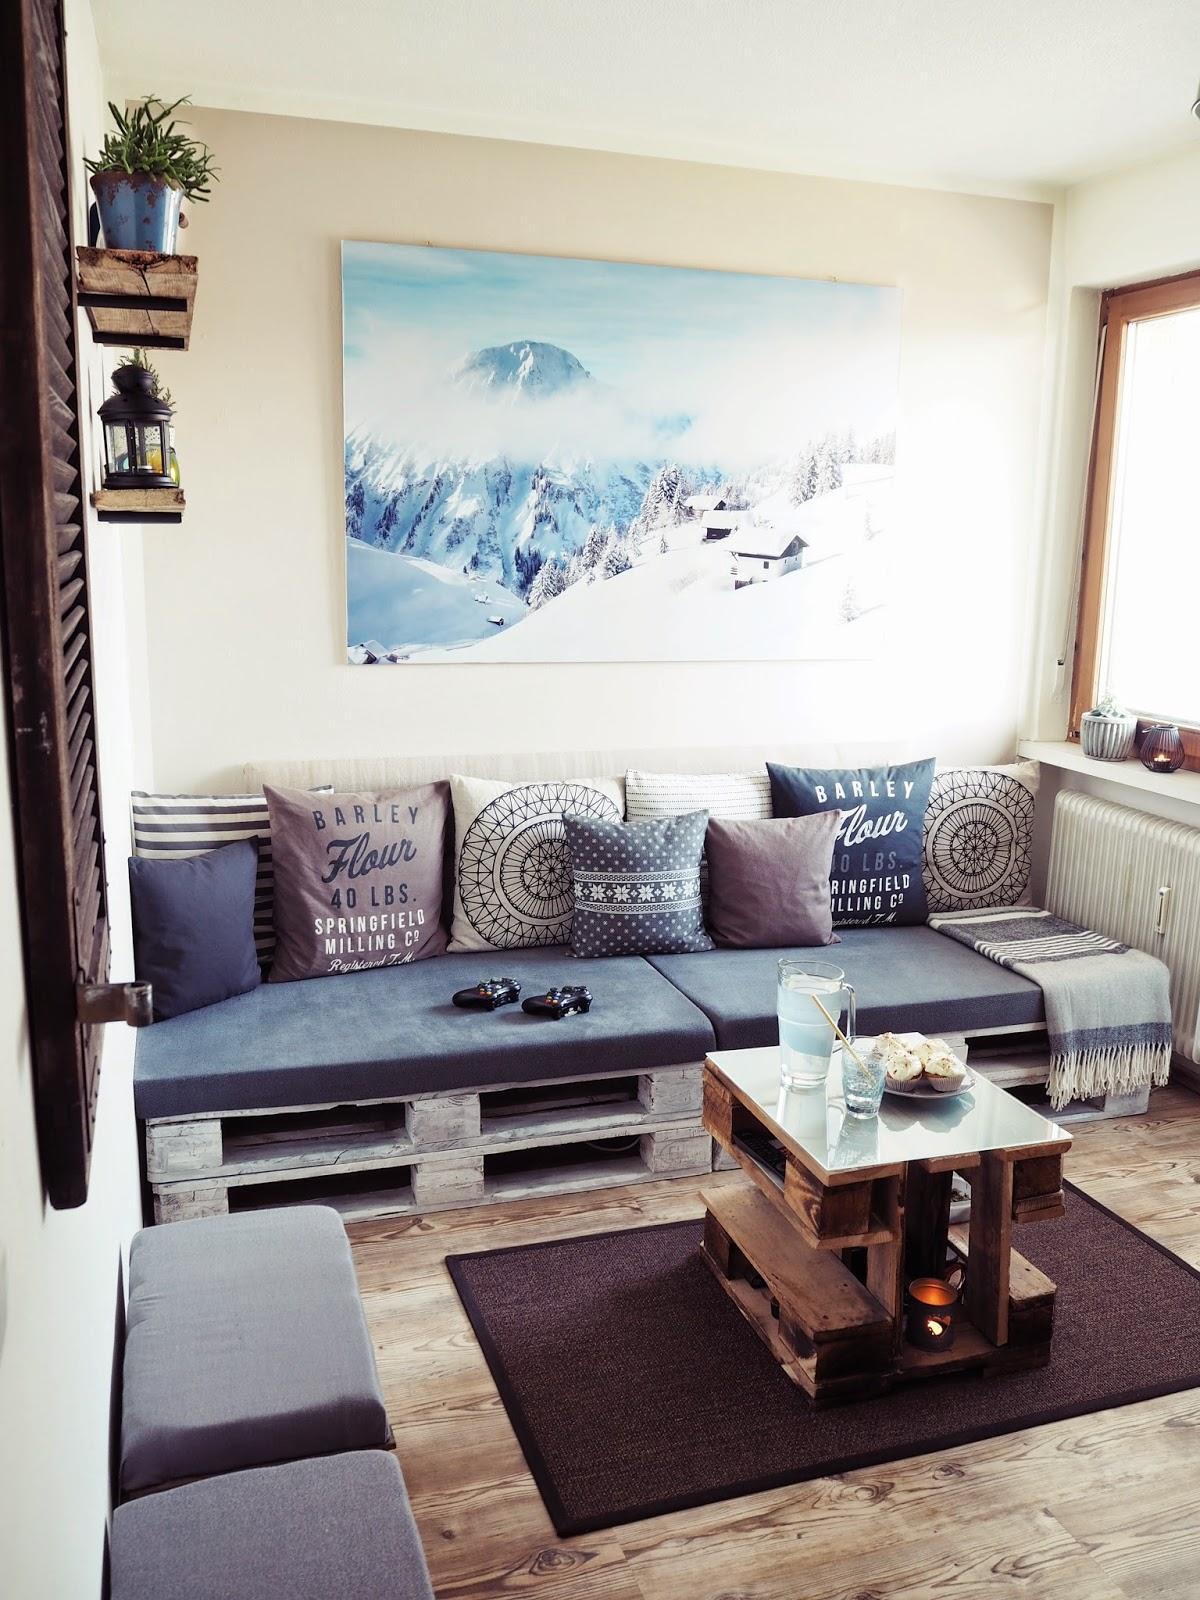 s 39 bastelkistle homestory zur geburtstagsaktion von roombeez by otto ein voting. Black Bedroom Furniture Sets. Home Design Ideas